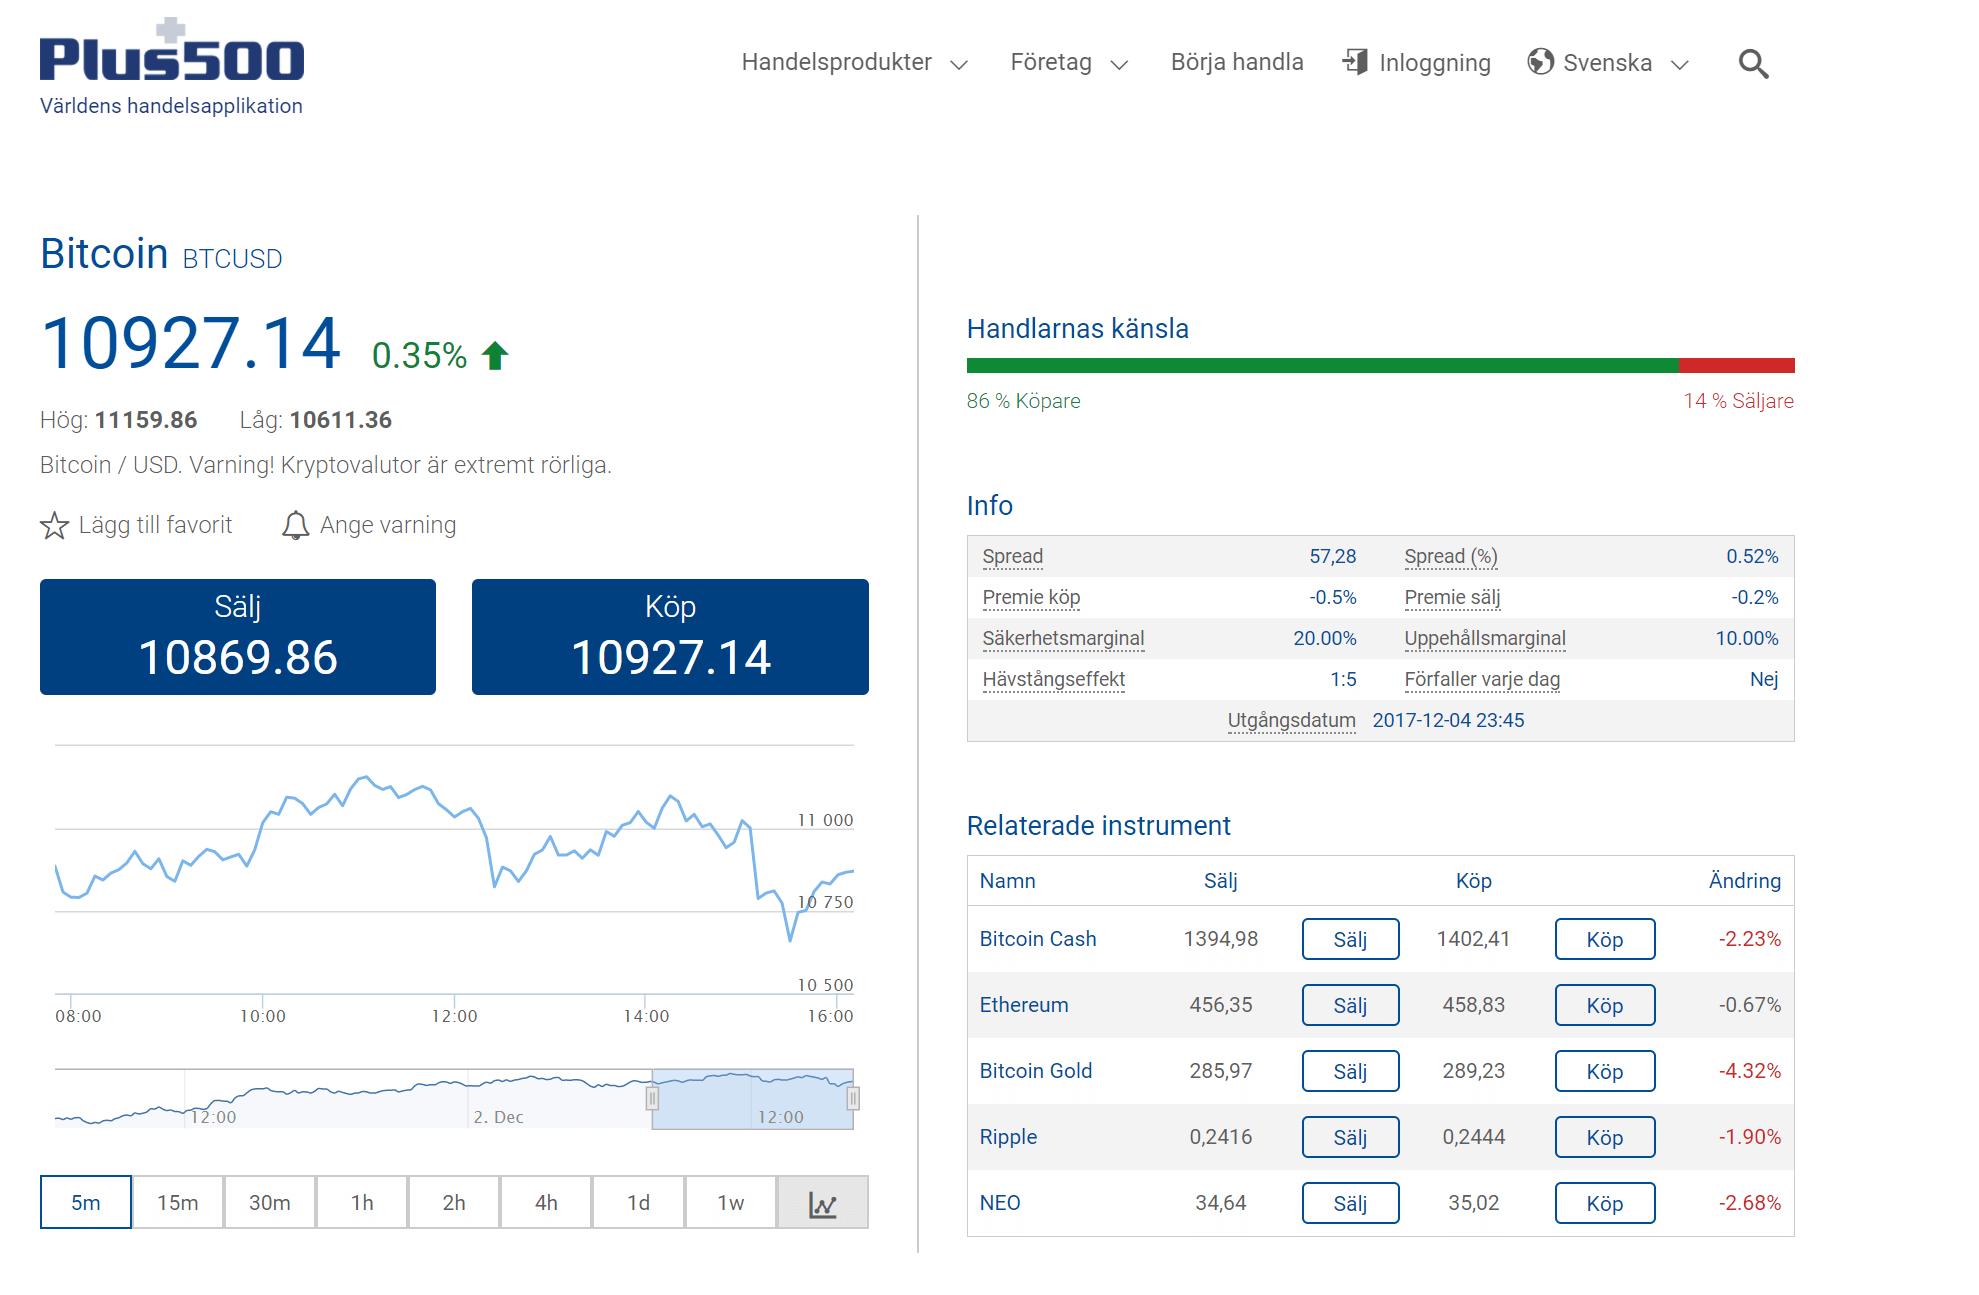 Köp och Sälj Kryptovaluta hos Plus500